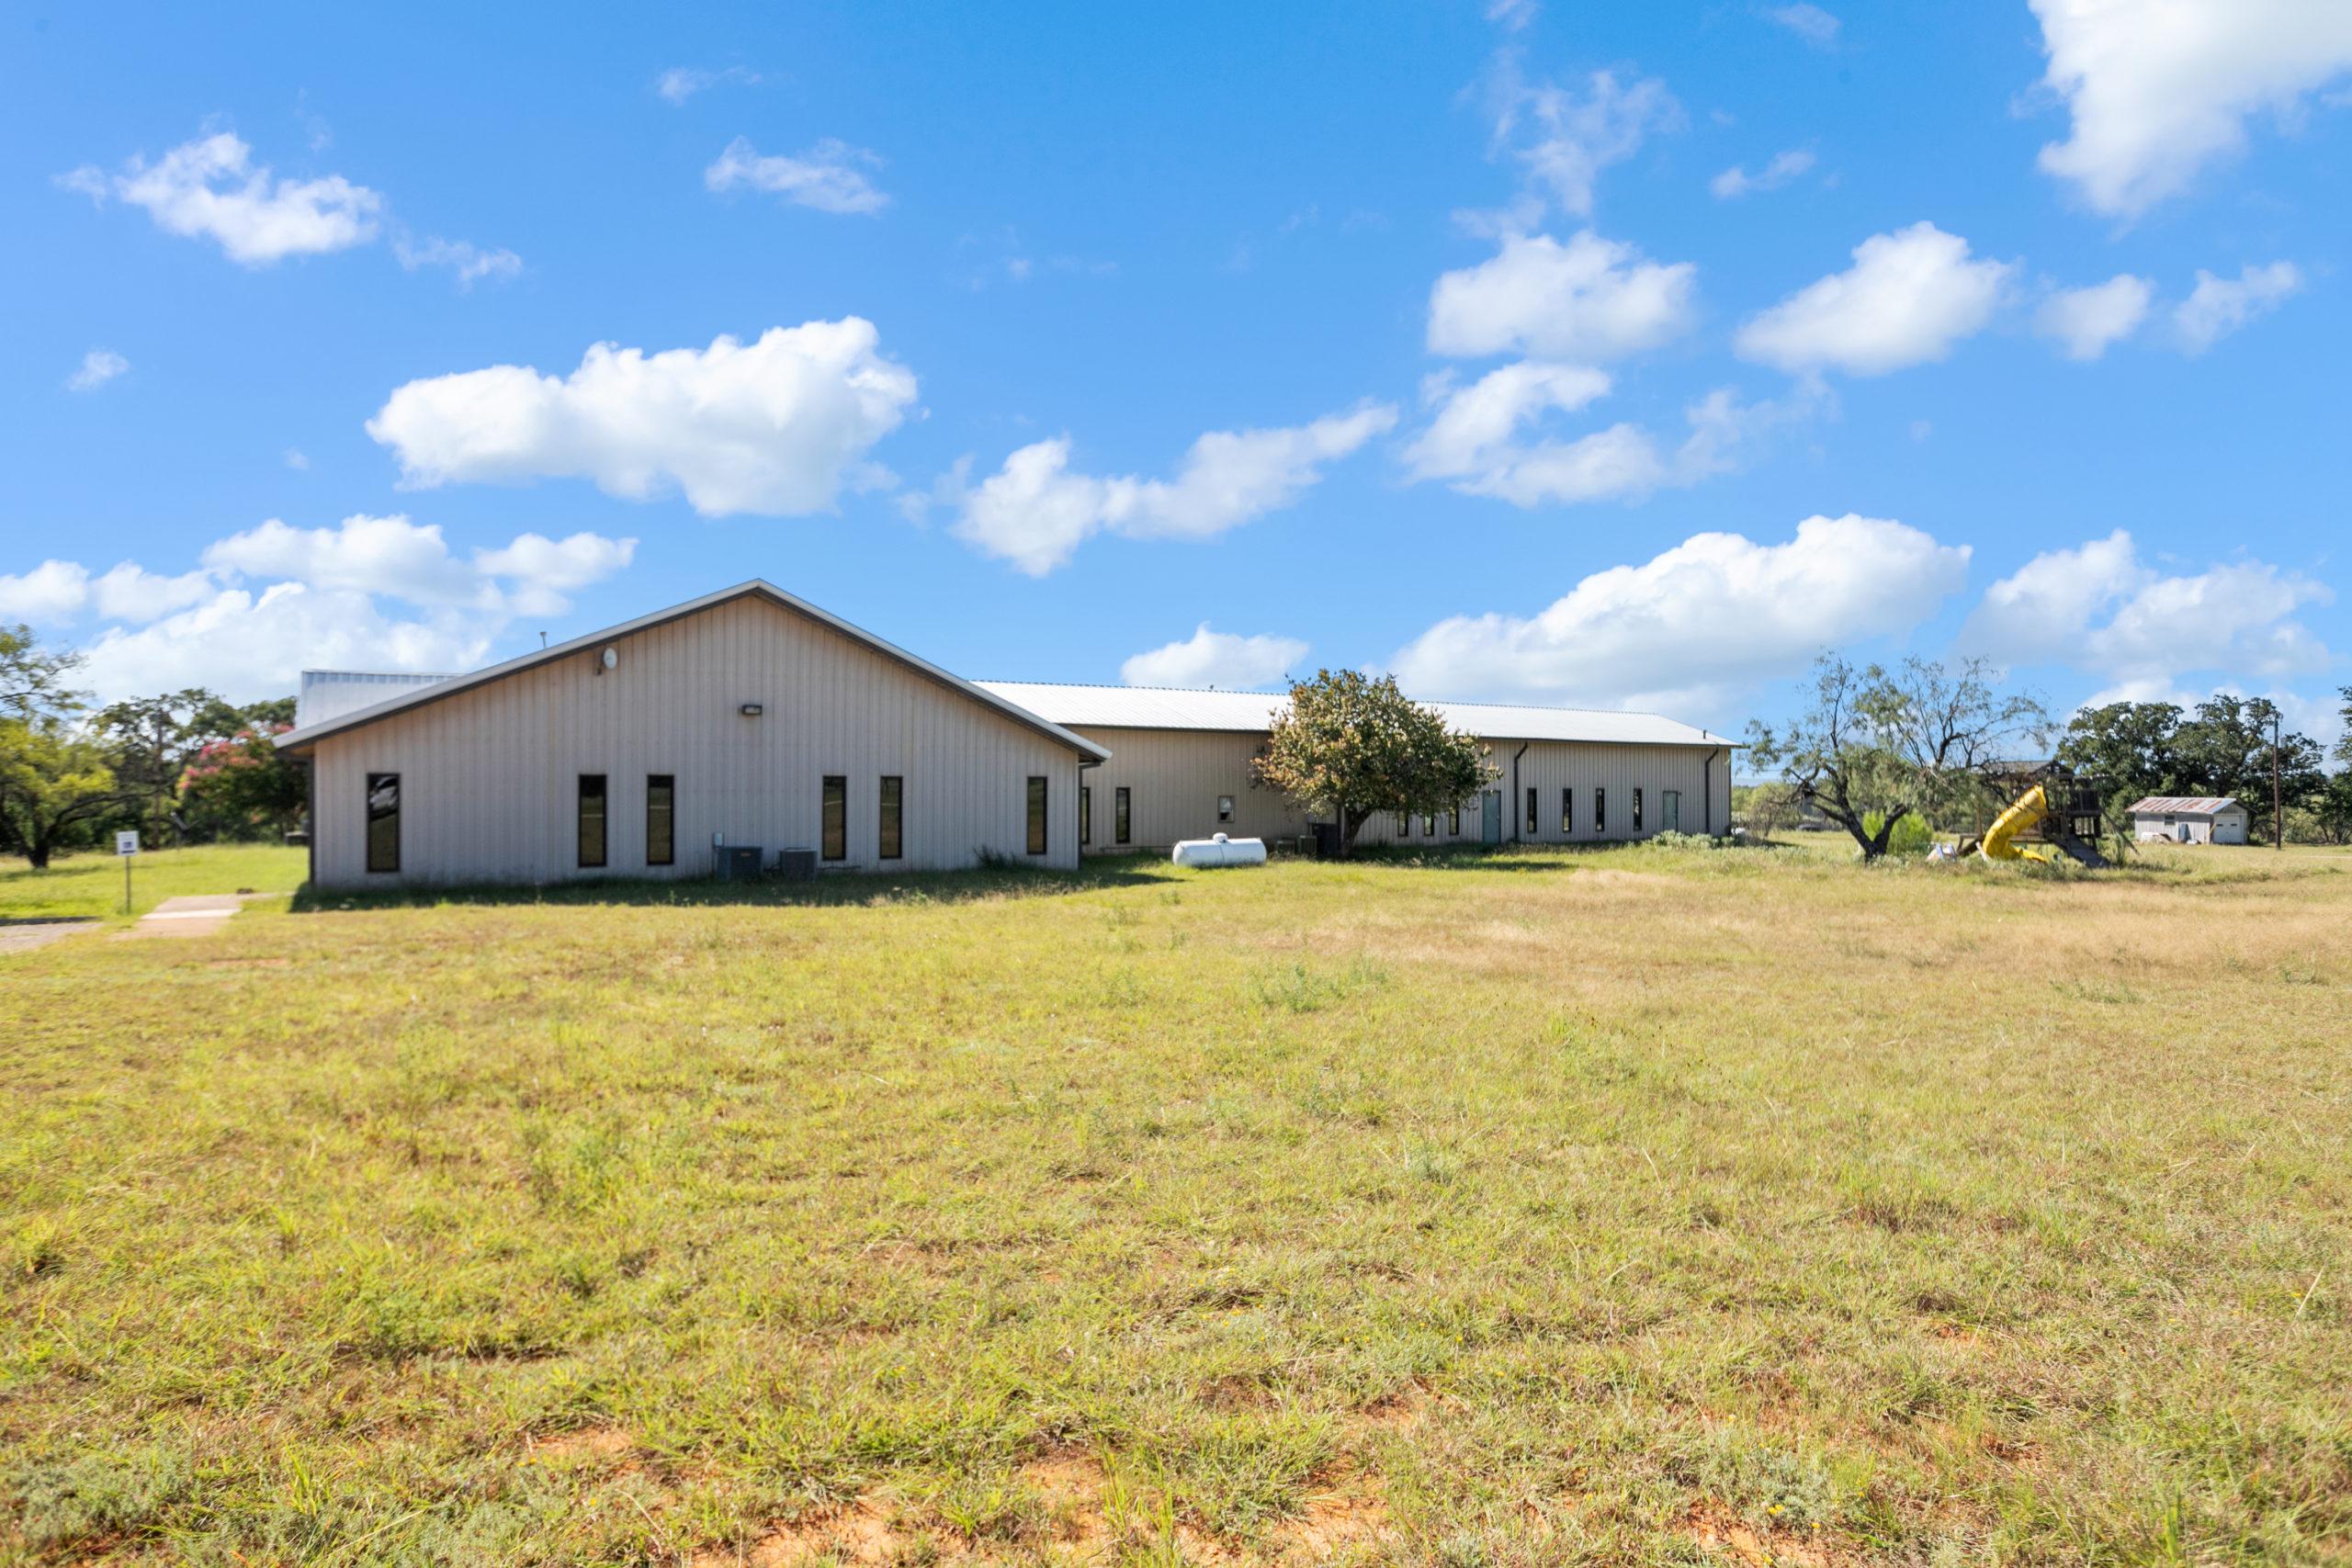 701 E Morse Fredericksburg TX Commercial Real Estate for sale